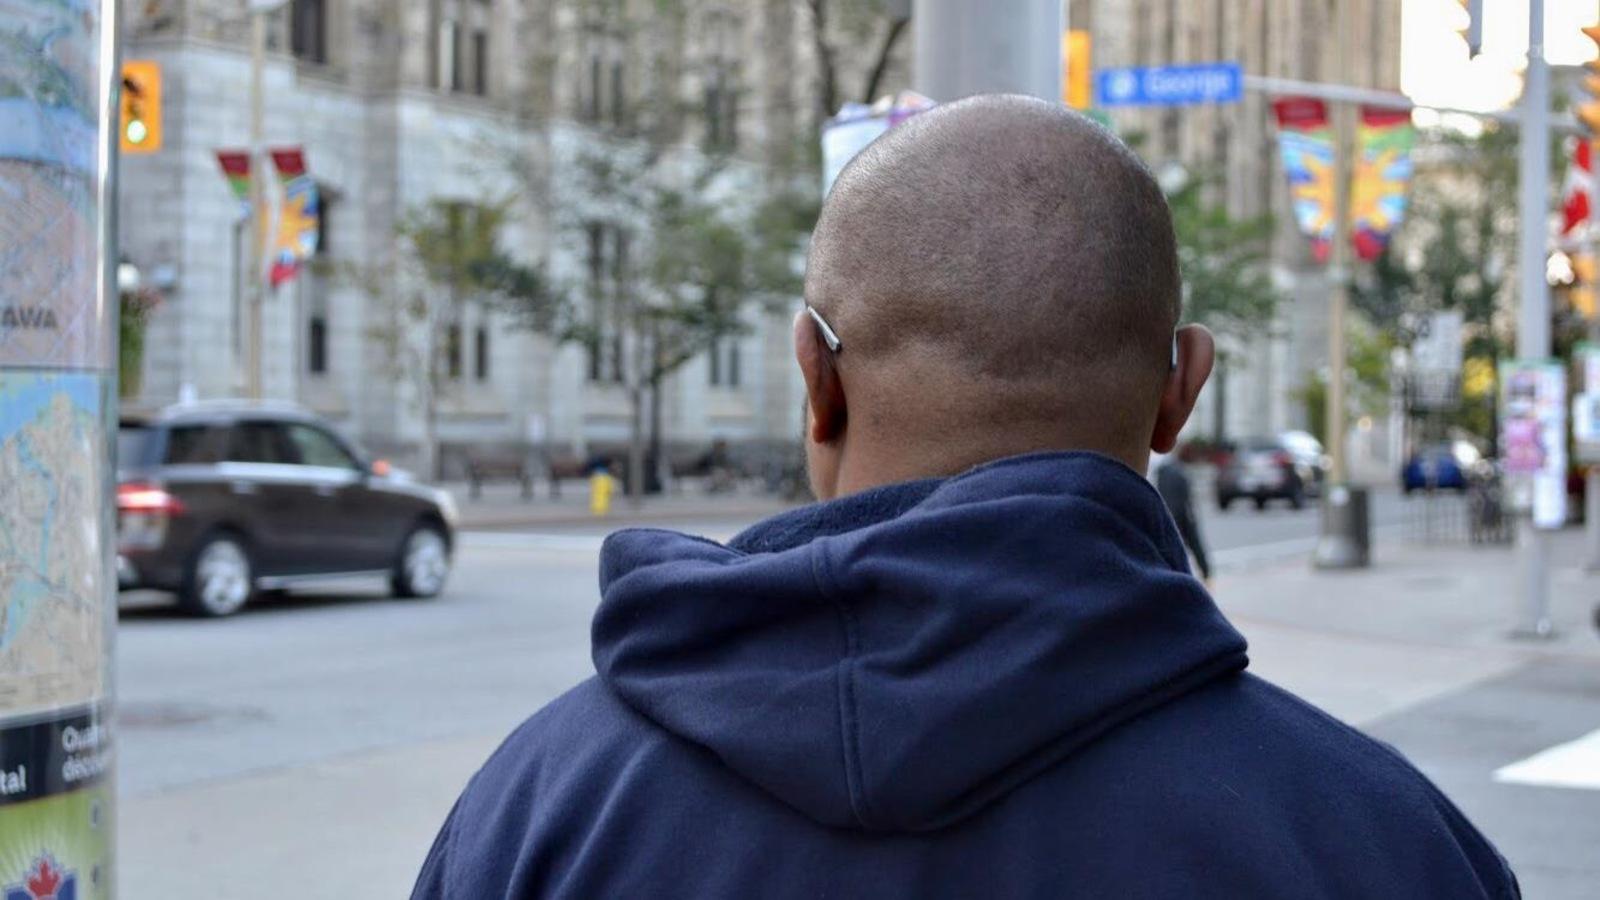 Un homme photographié de dos dans une rue